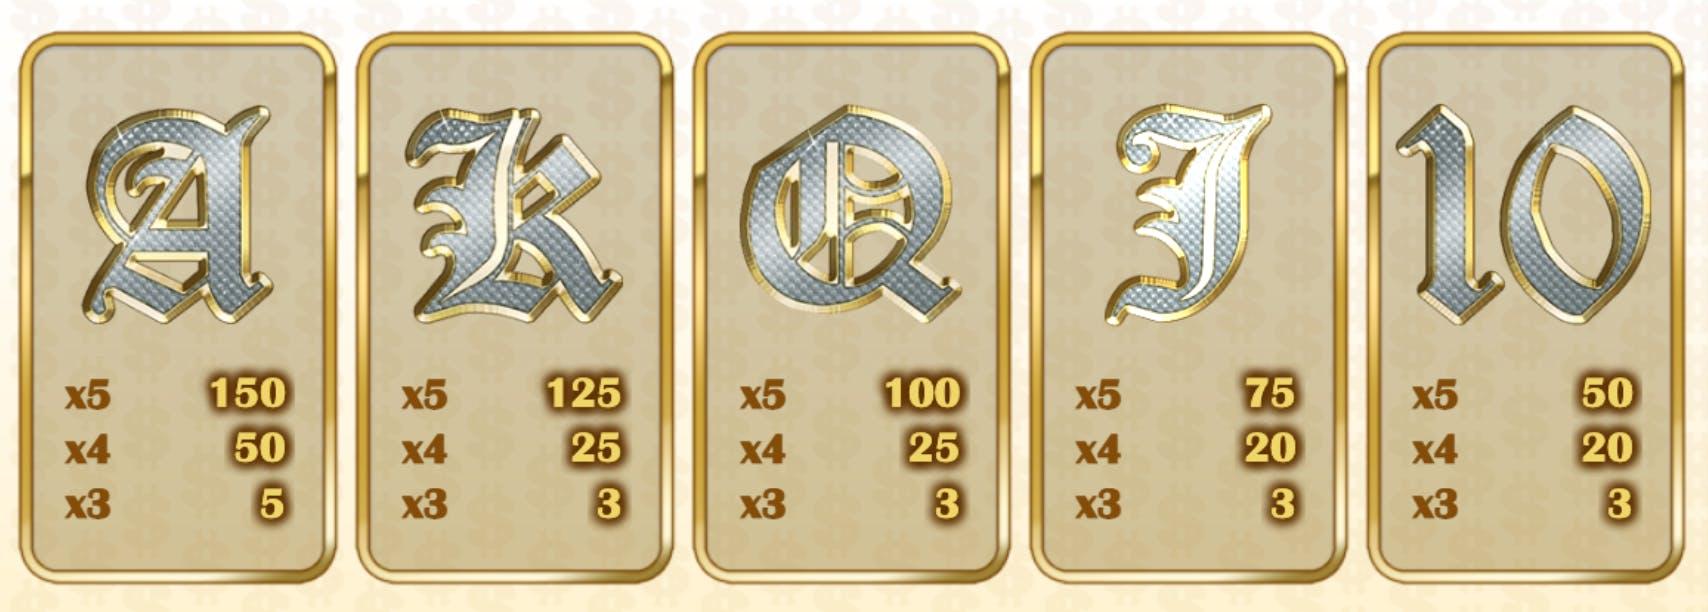 symboles deux